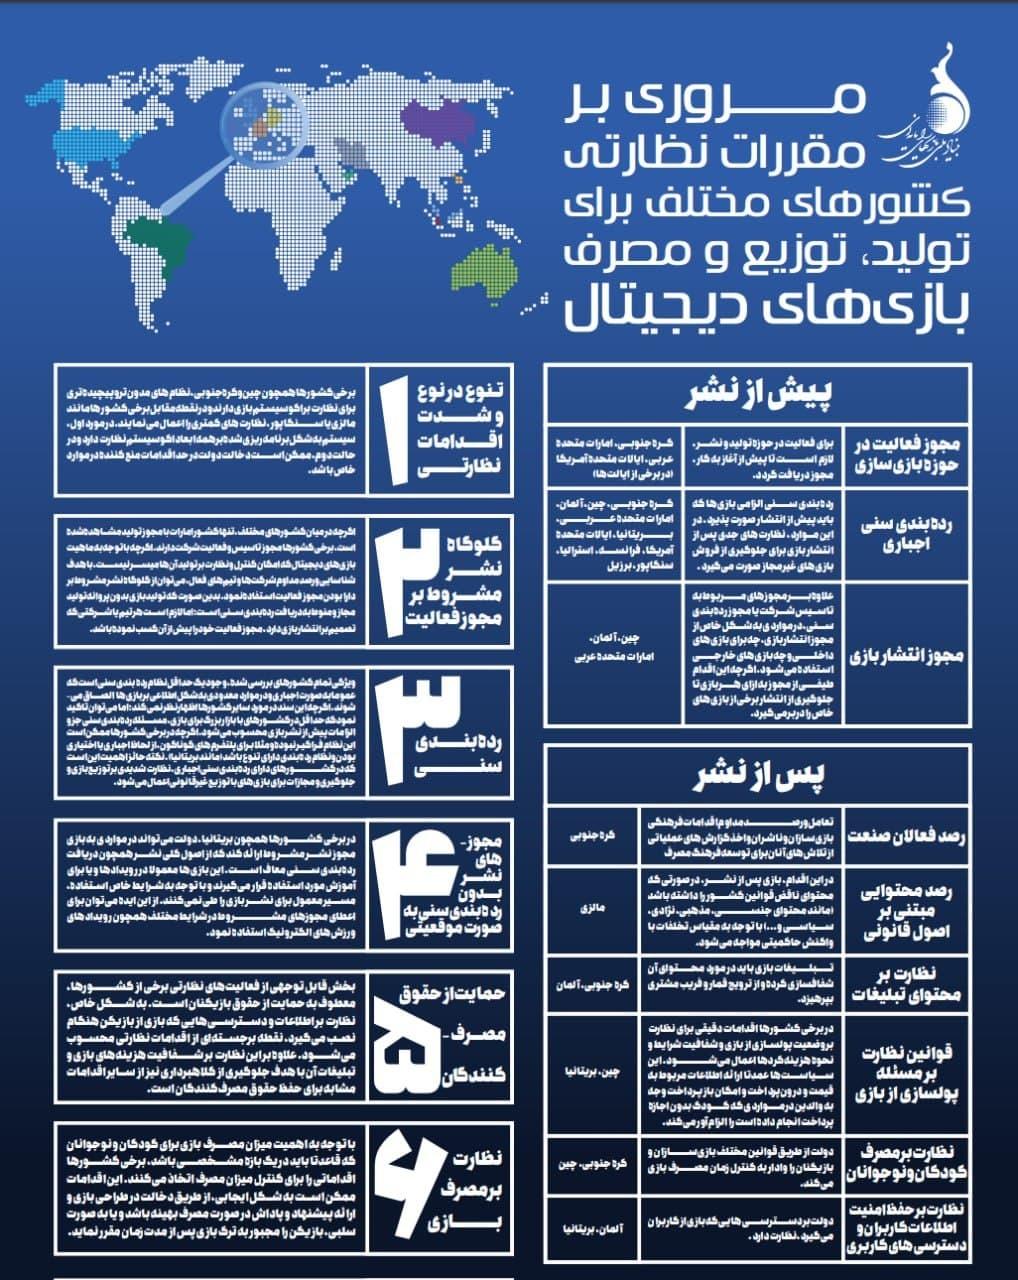 مروری بر مقررات نظارتی کشورهای مختلف برای تولید، توزیع و مصرف بازیهای دیجیتال +اینفوگرافیک